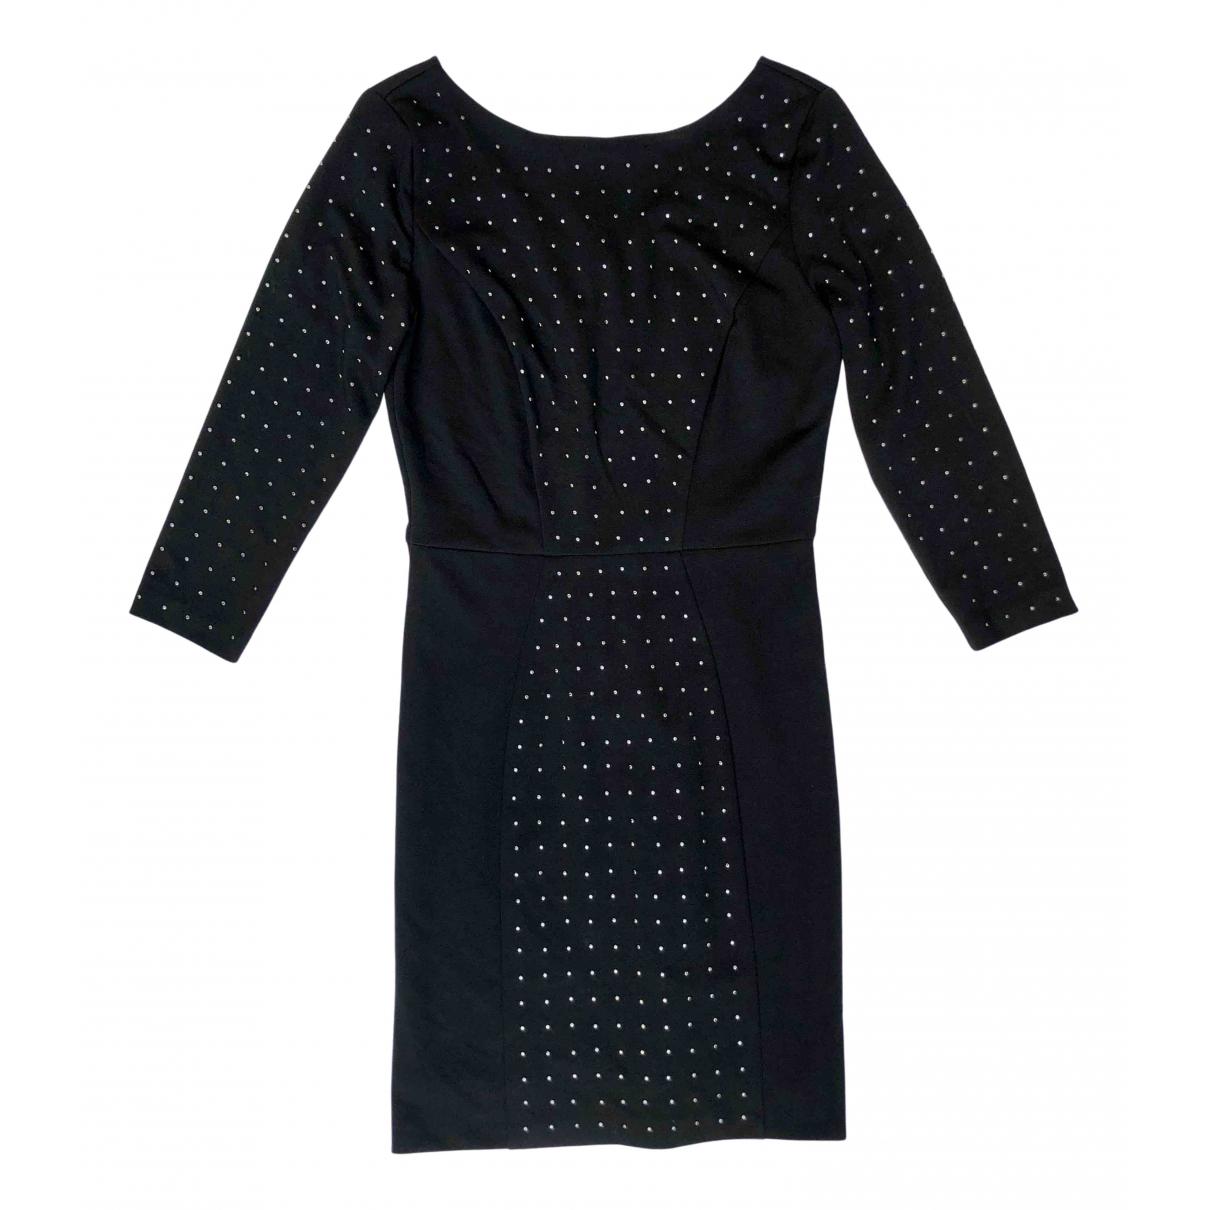 Michael Kors N Black dress for Women 2 US